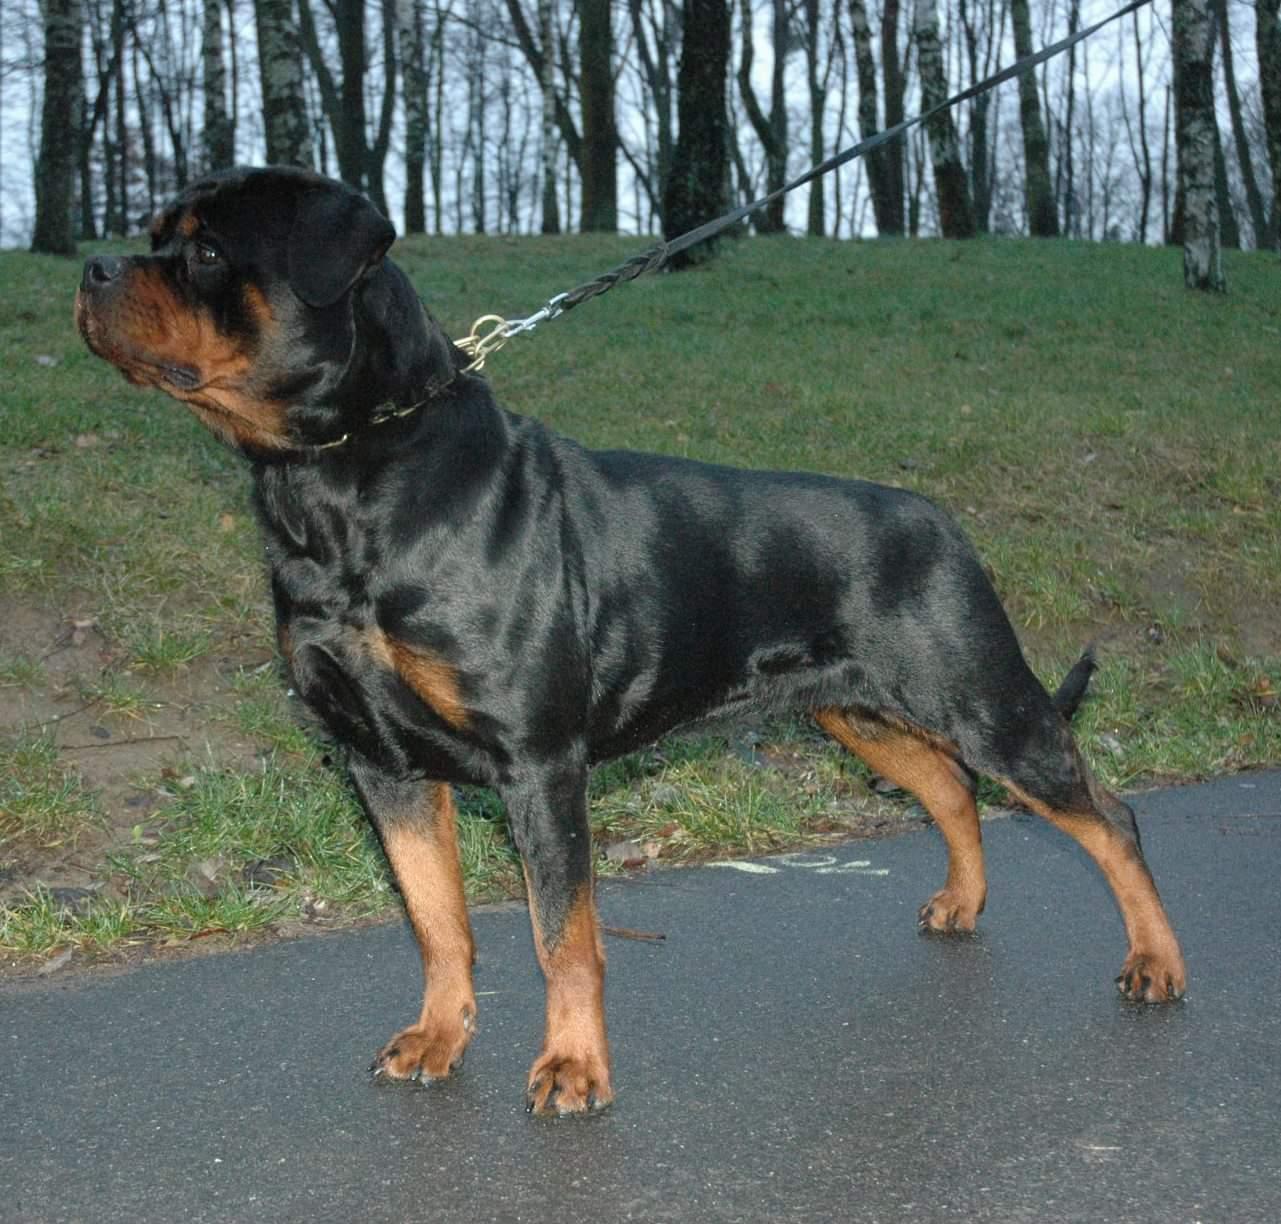 Fantastyczny początek roku! Kolejny rottweiler z przydomkiem Angaros CHAMPIONEM  POLSKI !!! | Rottweiler - Hodowla Rottweilerów Angaros - Rottweilers - Rottweilery